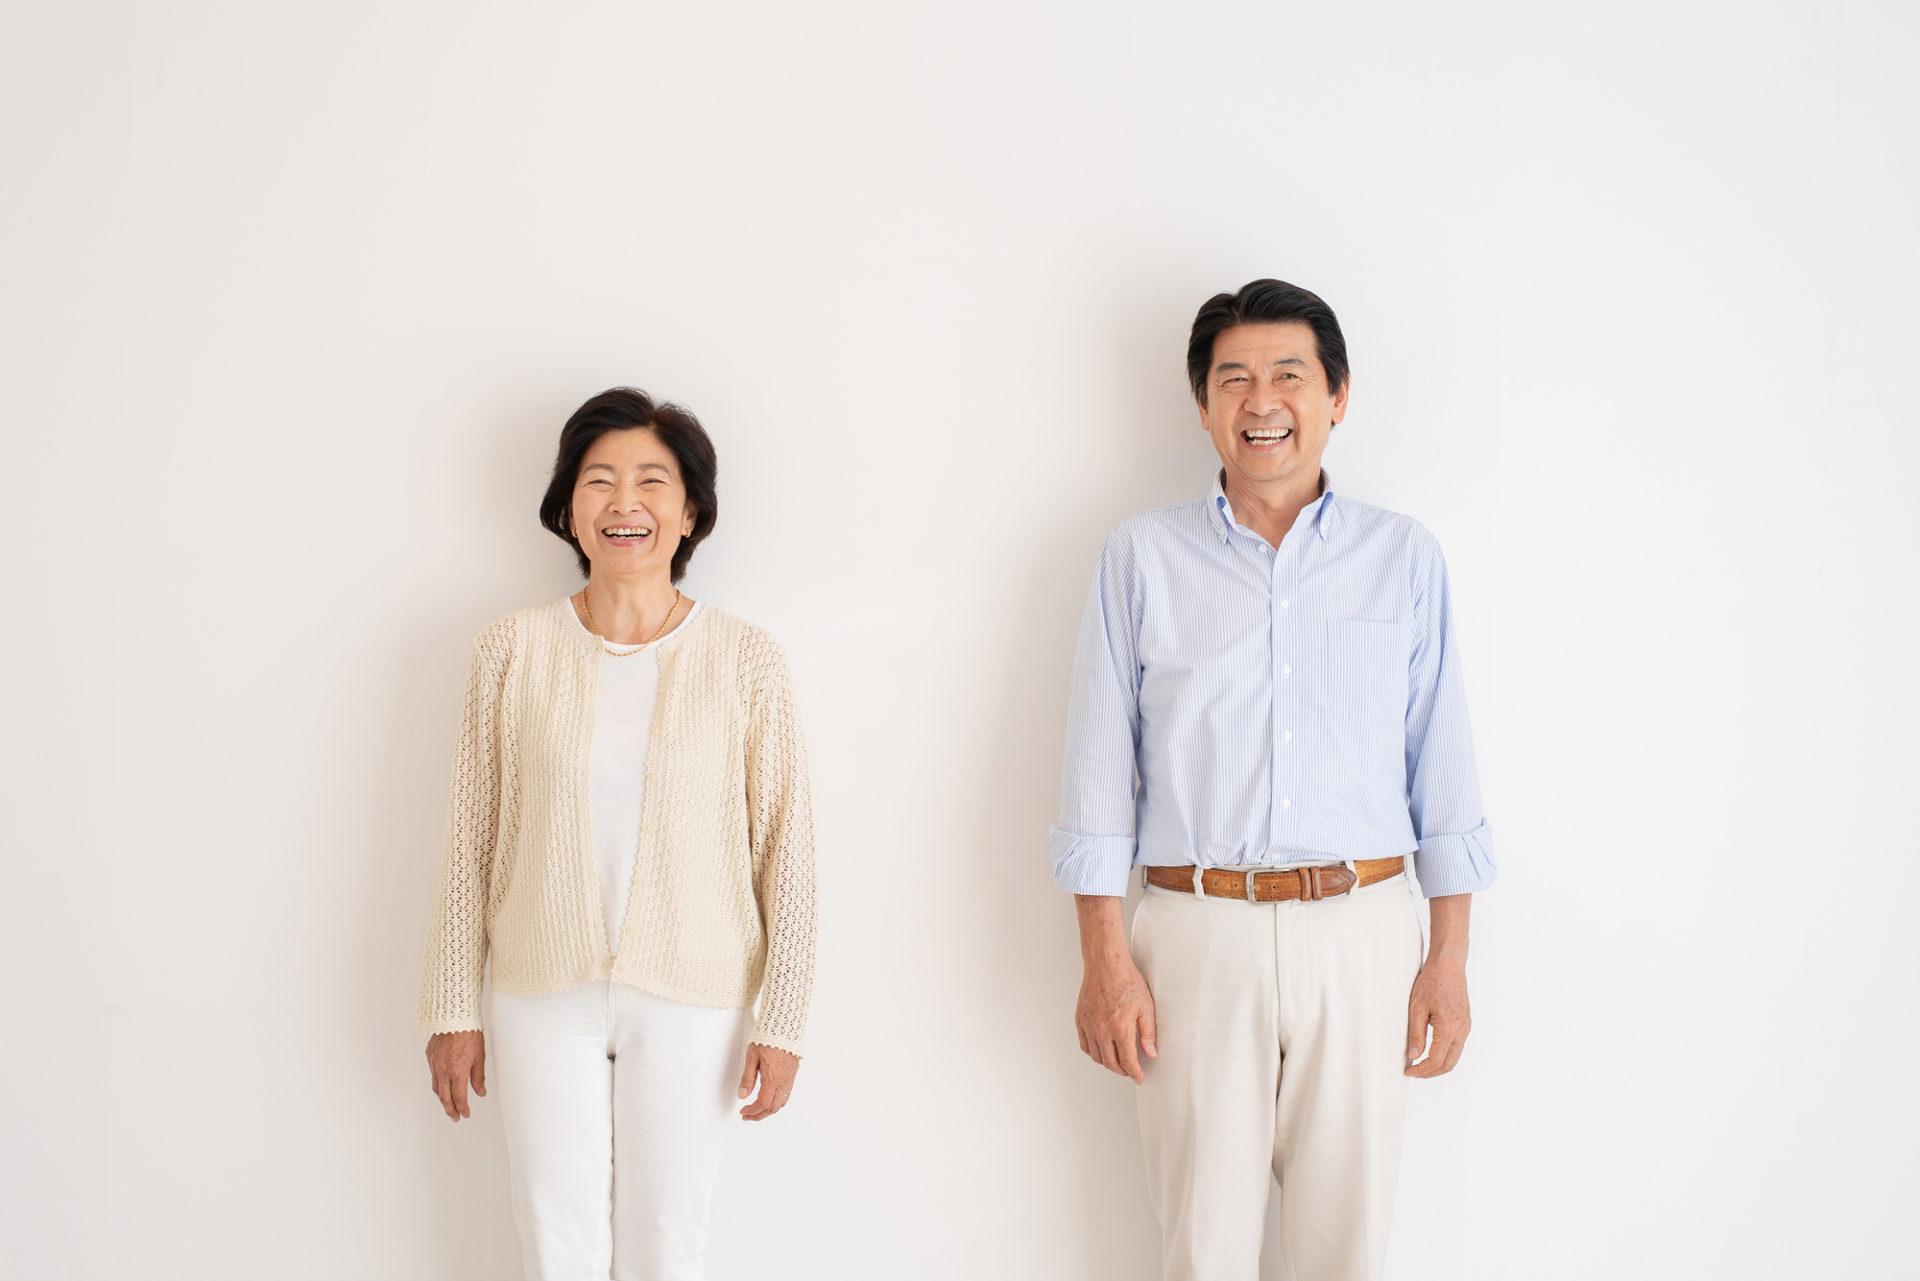 微笑んでいるシニアの夫婦